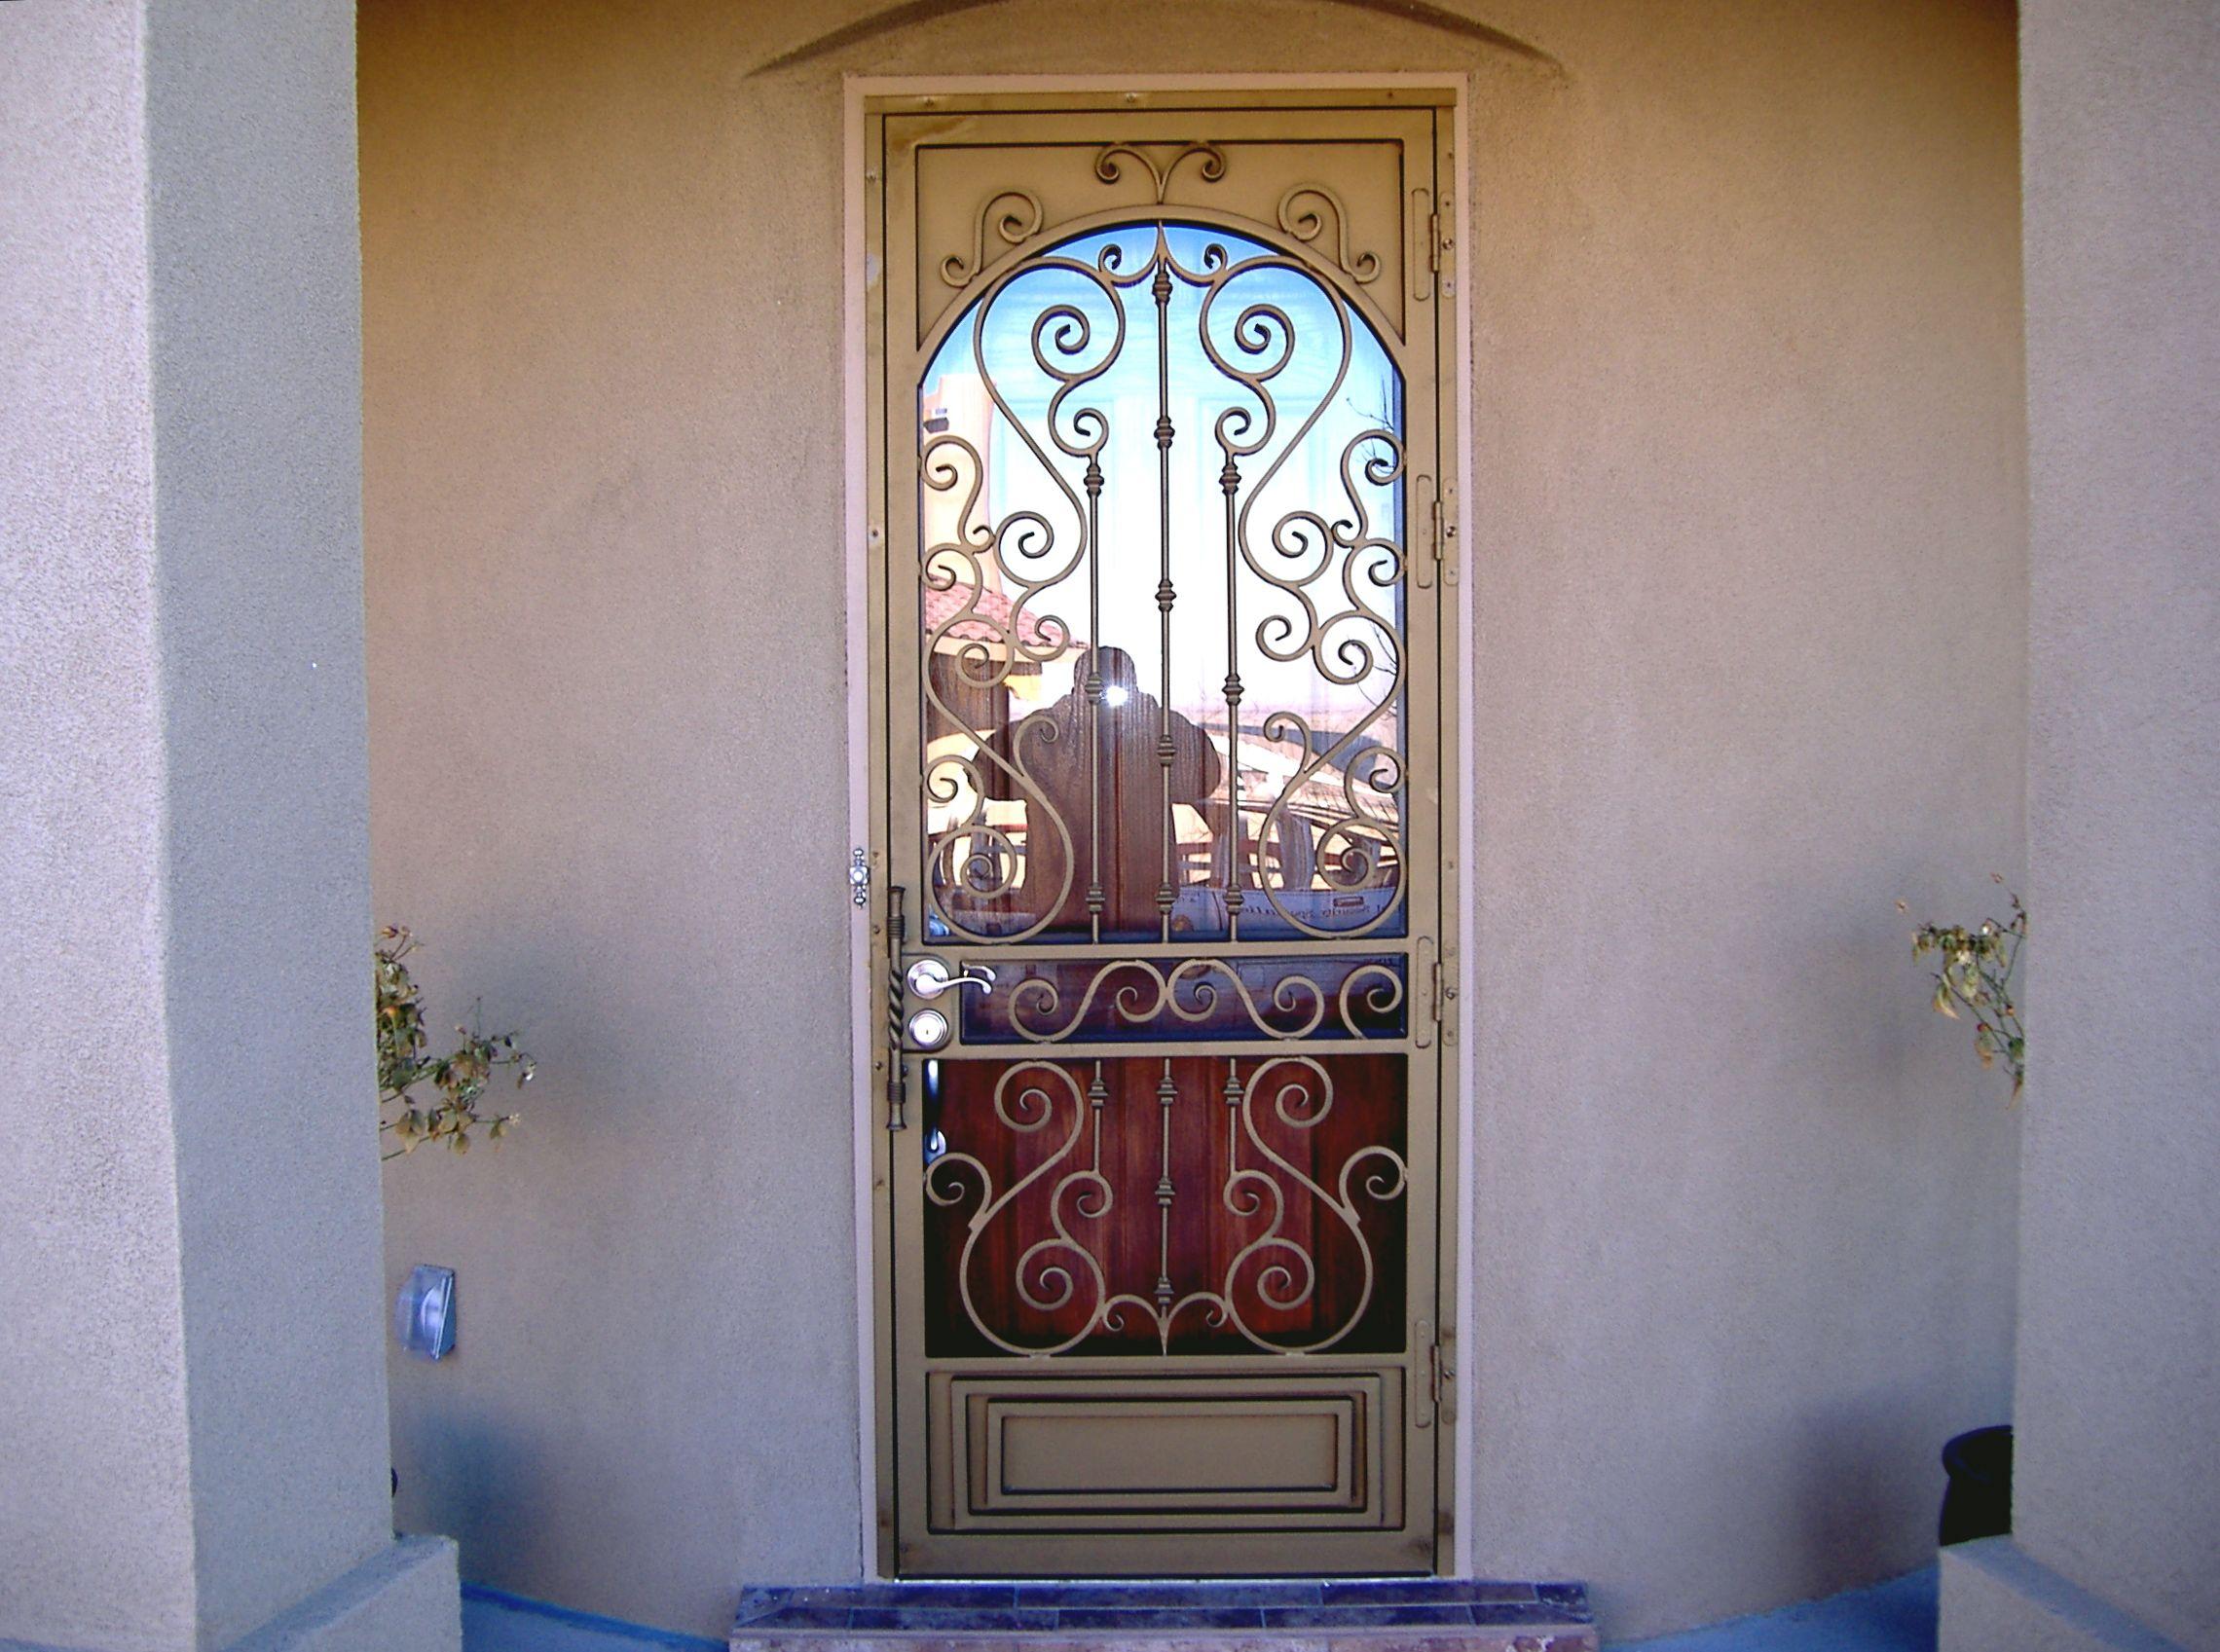 ACTION SECURITY IRON INC | Albuquerque NM 87113 | Angies List · Security DoorsIrons & ACTION SECURITY IRON INC | Albuquerque NM 87113 | Angies List ... pezcame.com